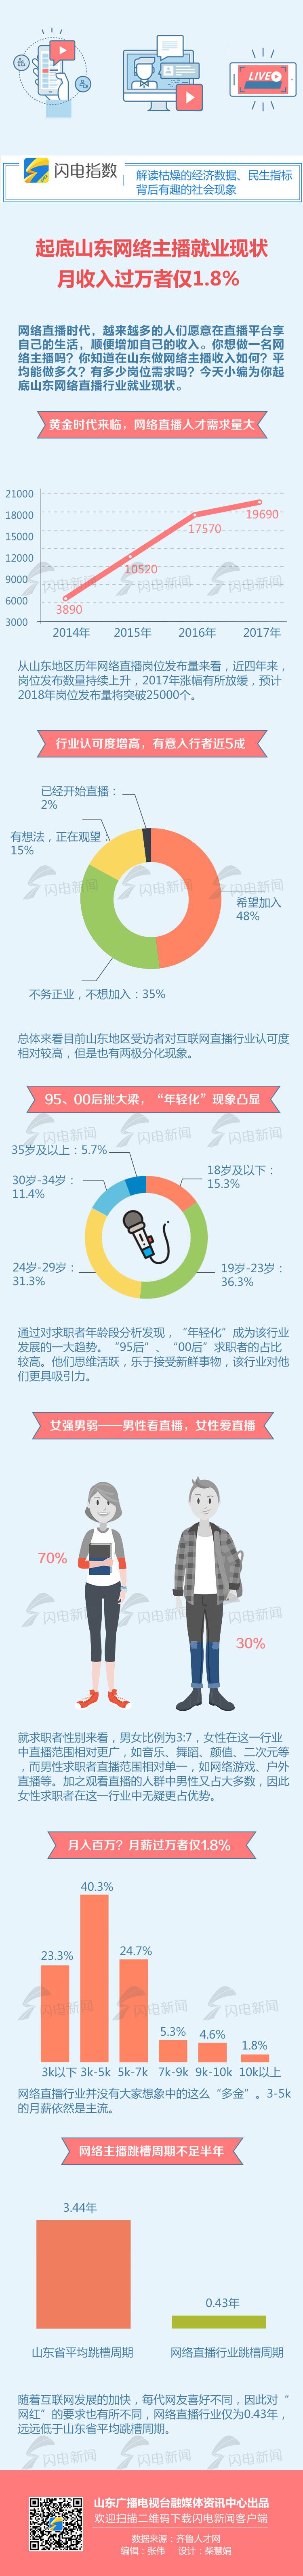 起底山东网络主播就业现状 月收入过万者仅1.8%